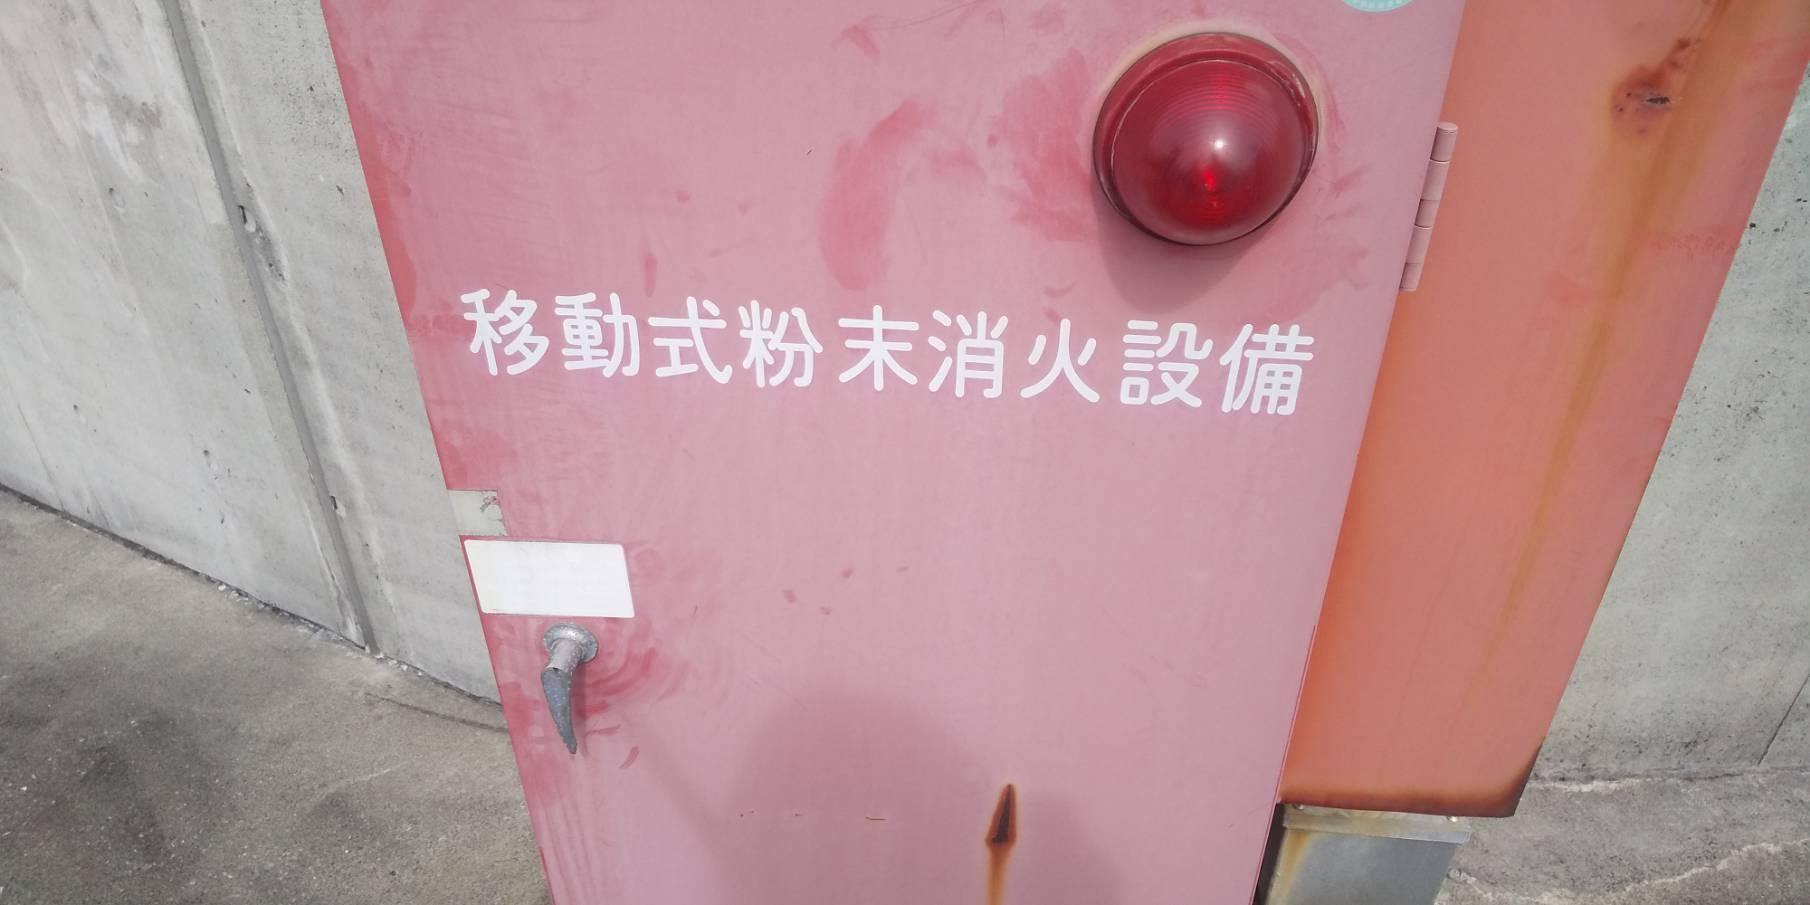 【施工実績】大田区:トラックターミナルの消火設備工事